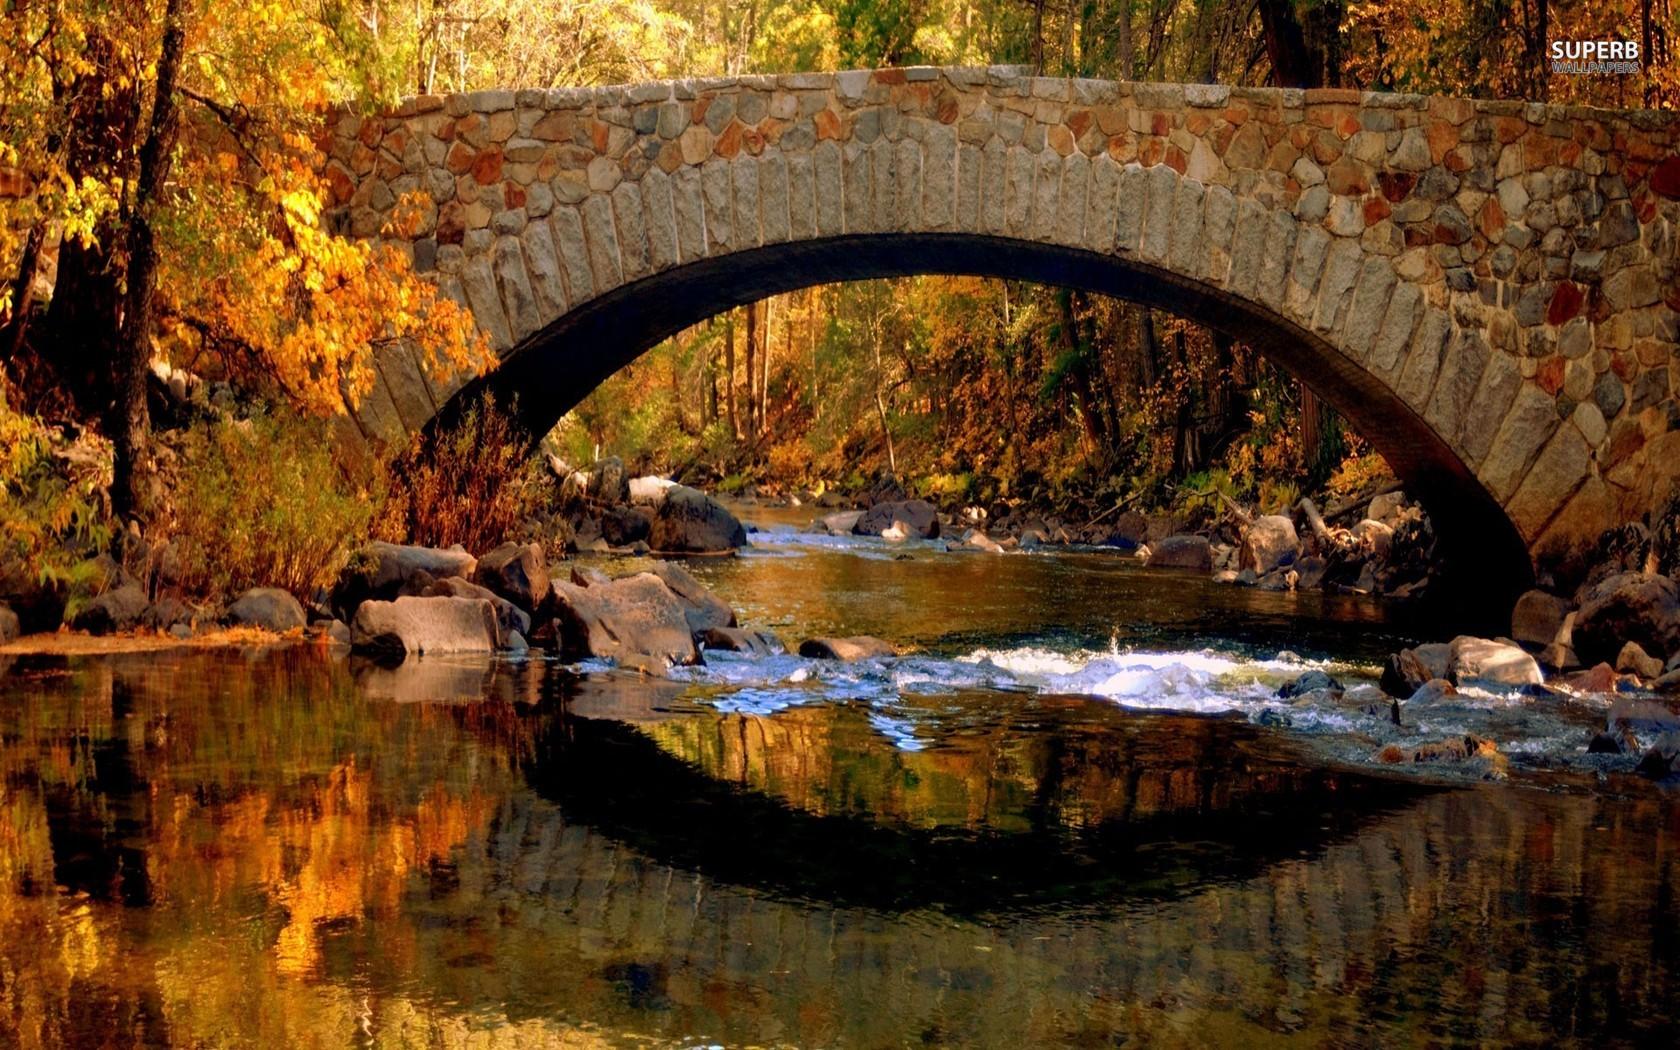 Covered Bridge Autumn Screensavers 1680x1050 Wallpaper Teahub Io